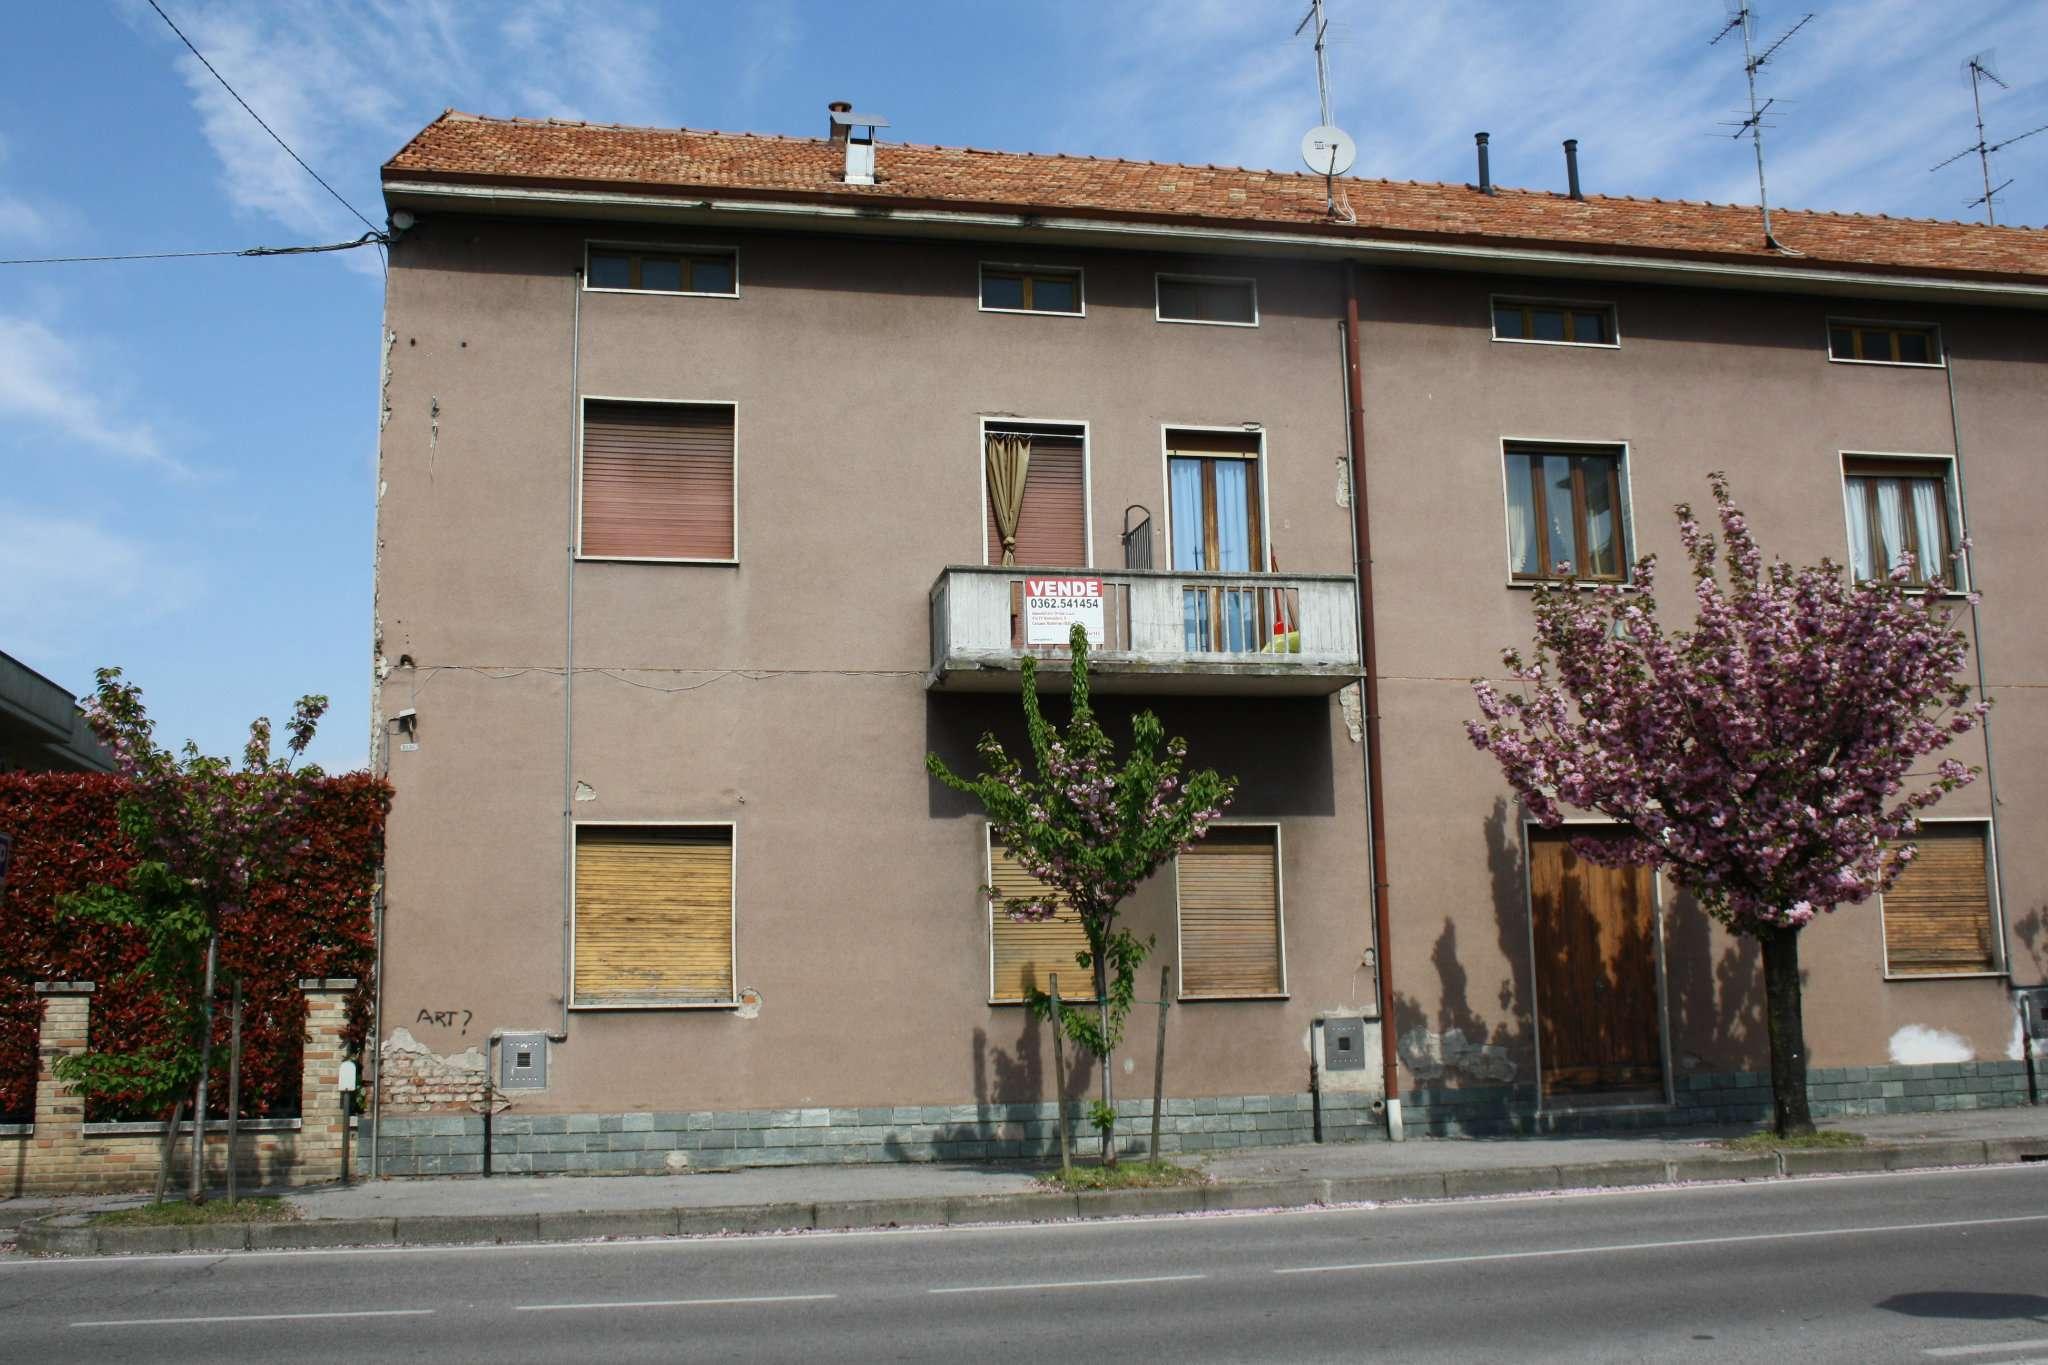 Rustico / Casale in vendita a Cesano Maderno, 3 locali, prezzo € 118.000 | CambioCasa.it